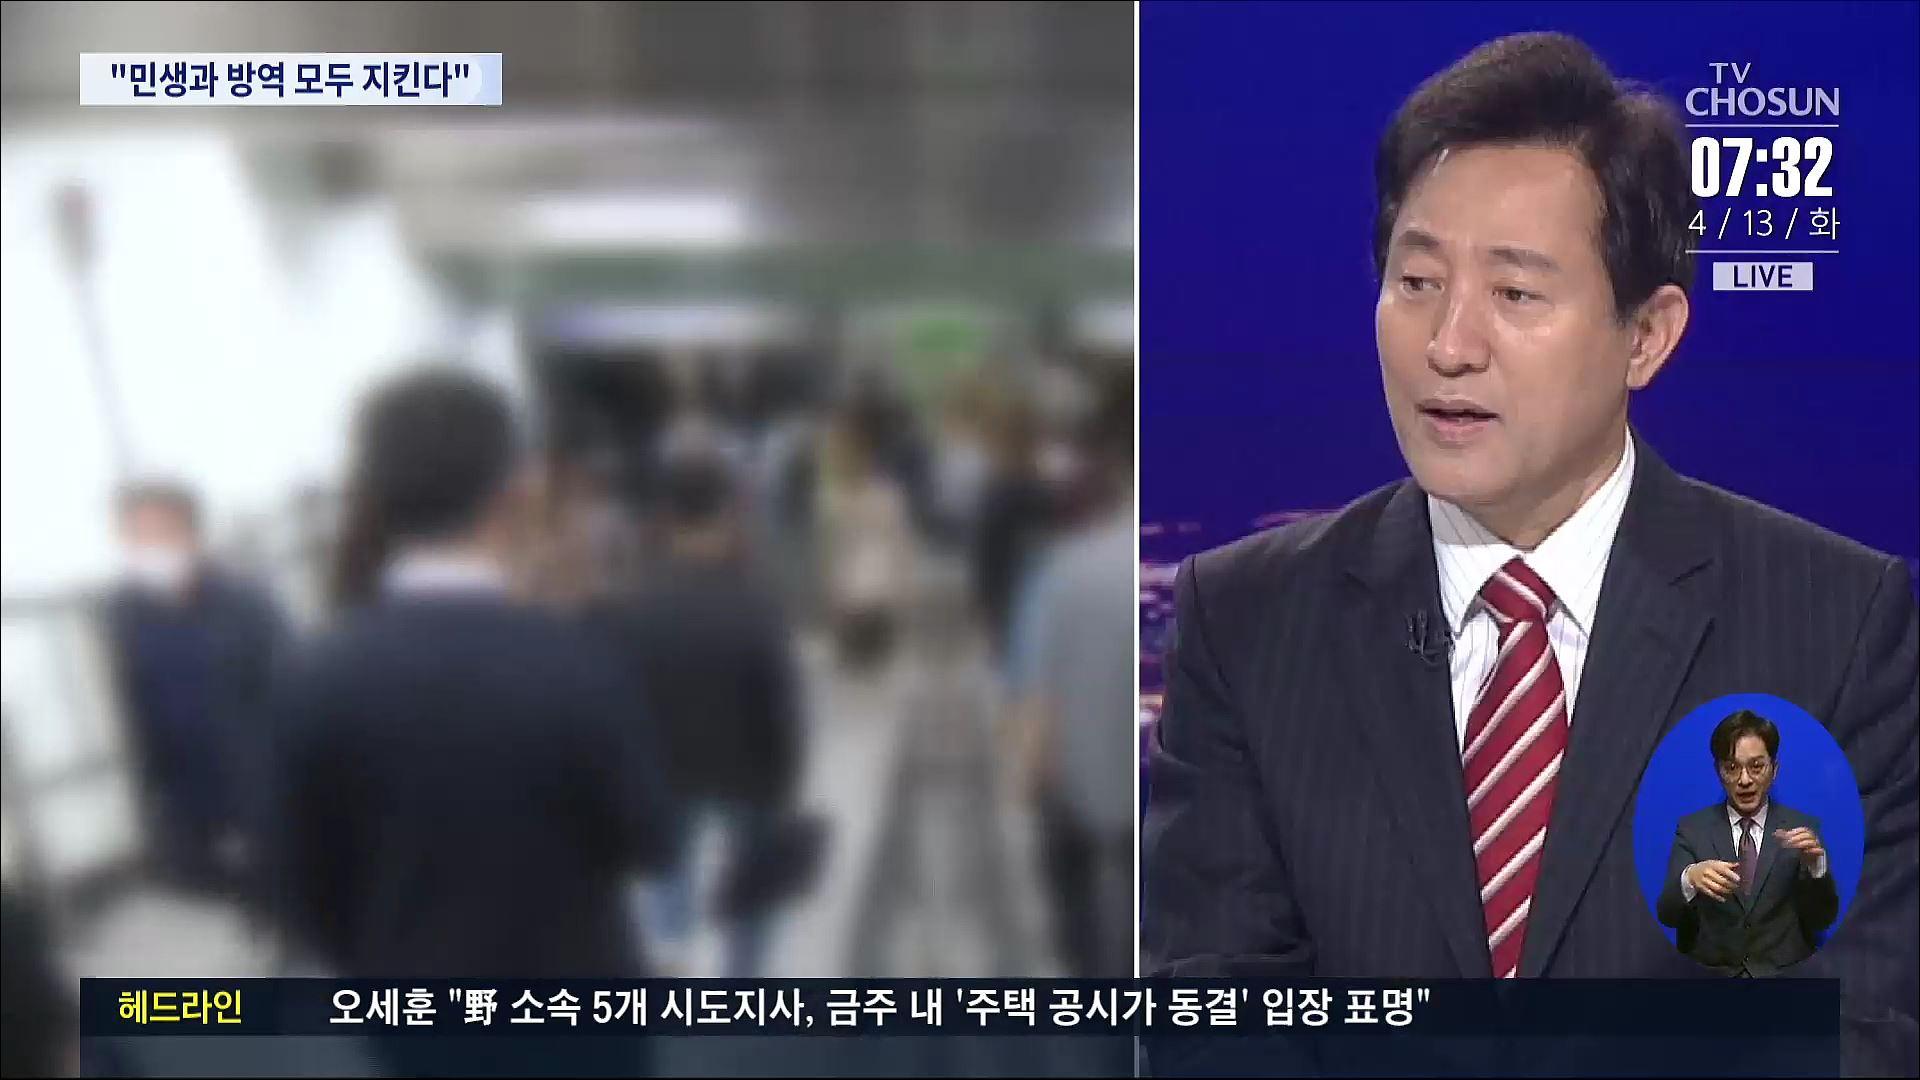 오세훈의 '서울형 상생방역', 정부 기조와 충돌